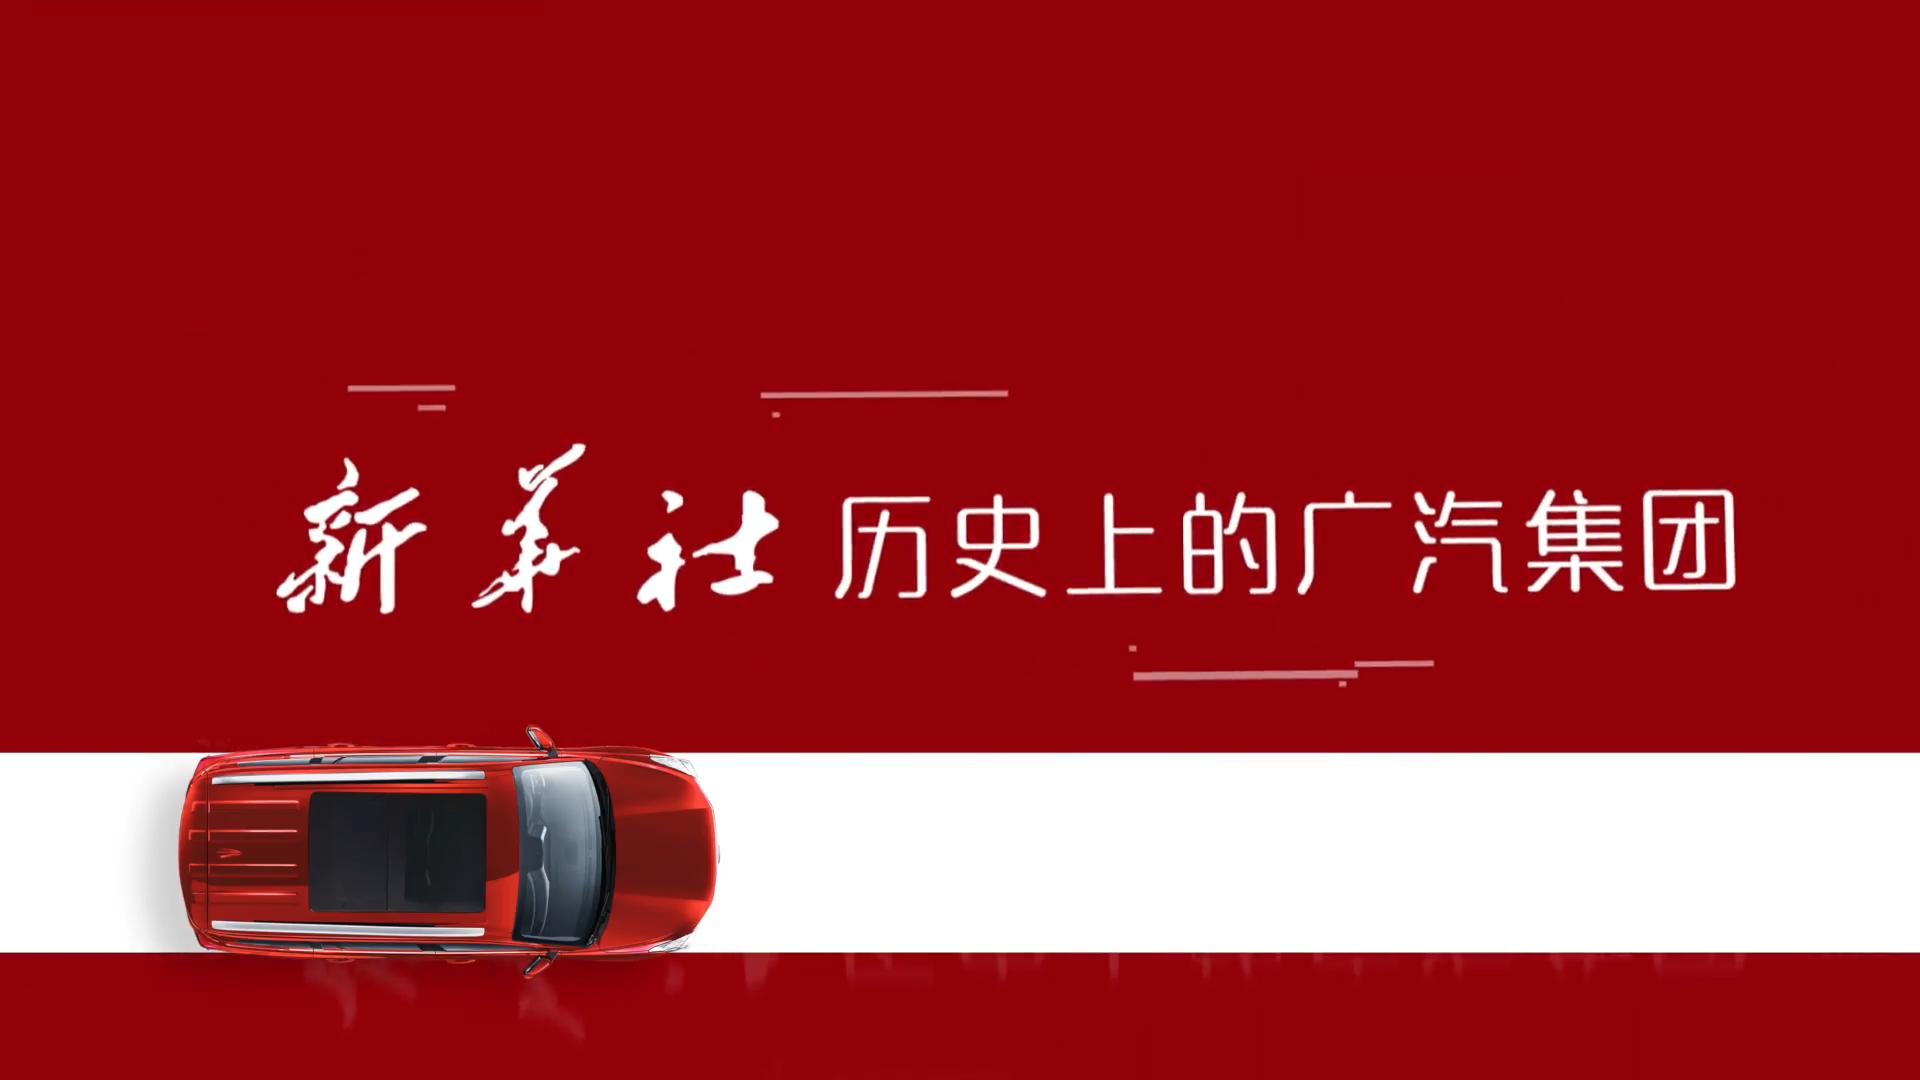 新华社历史上的广汽集团